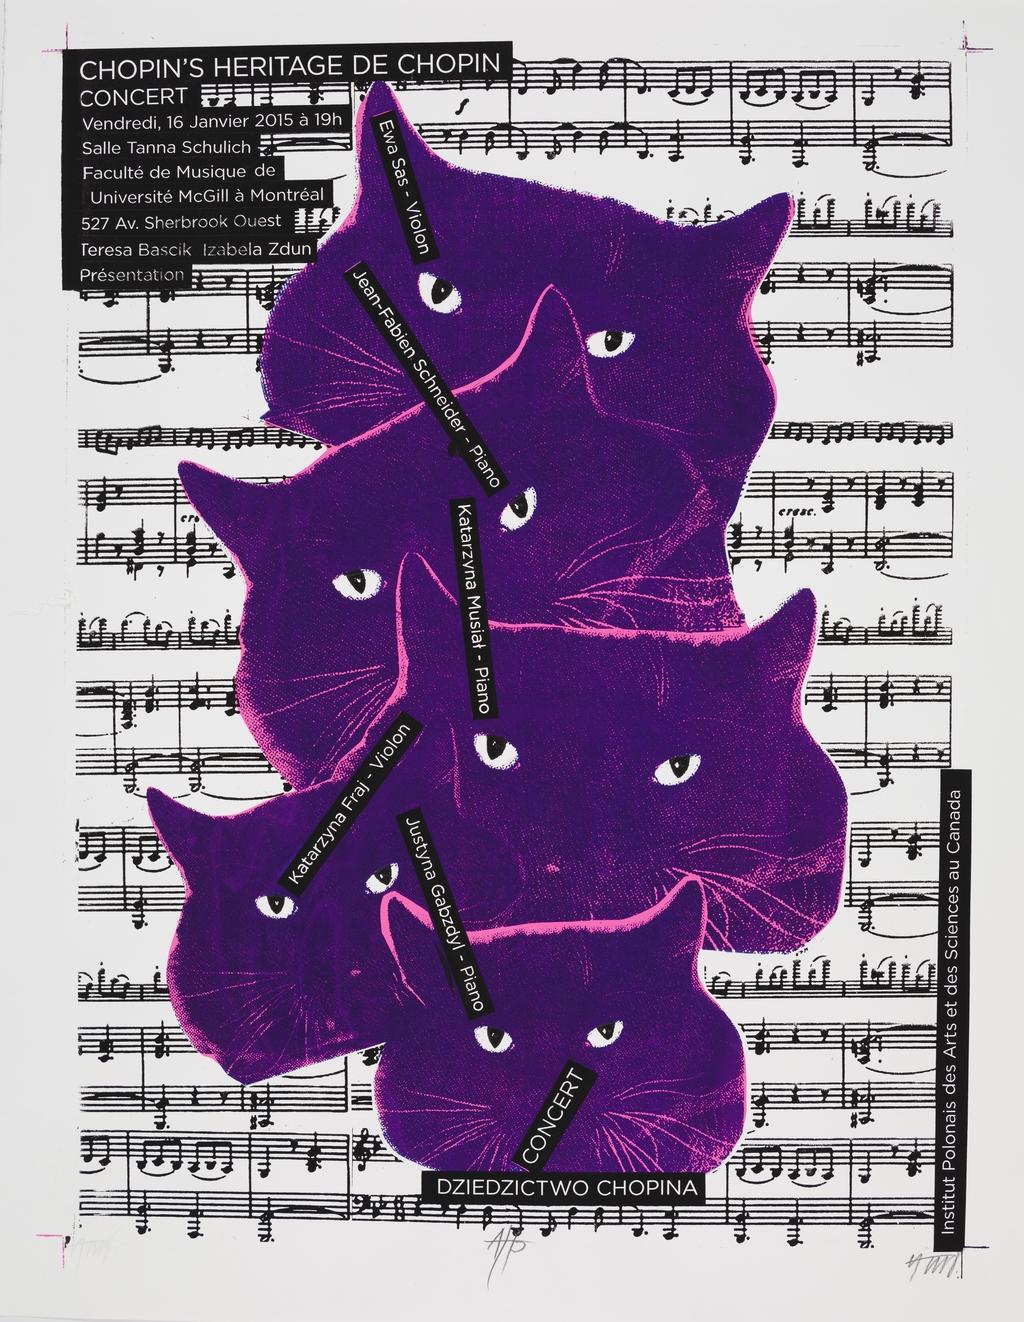 Héritage de Chopin